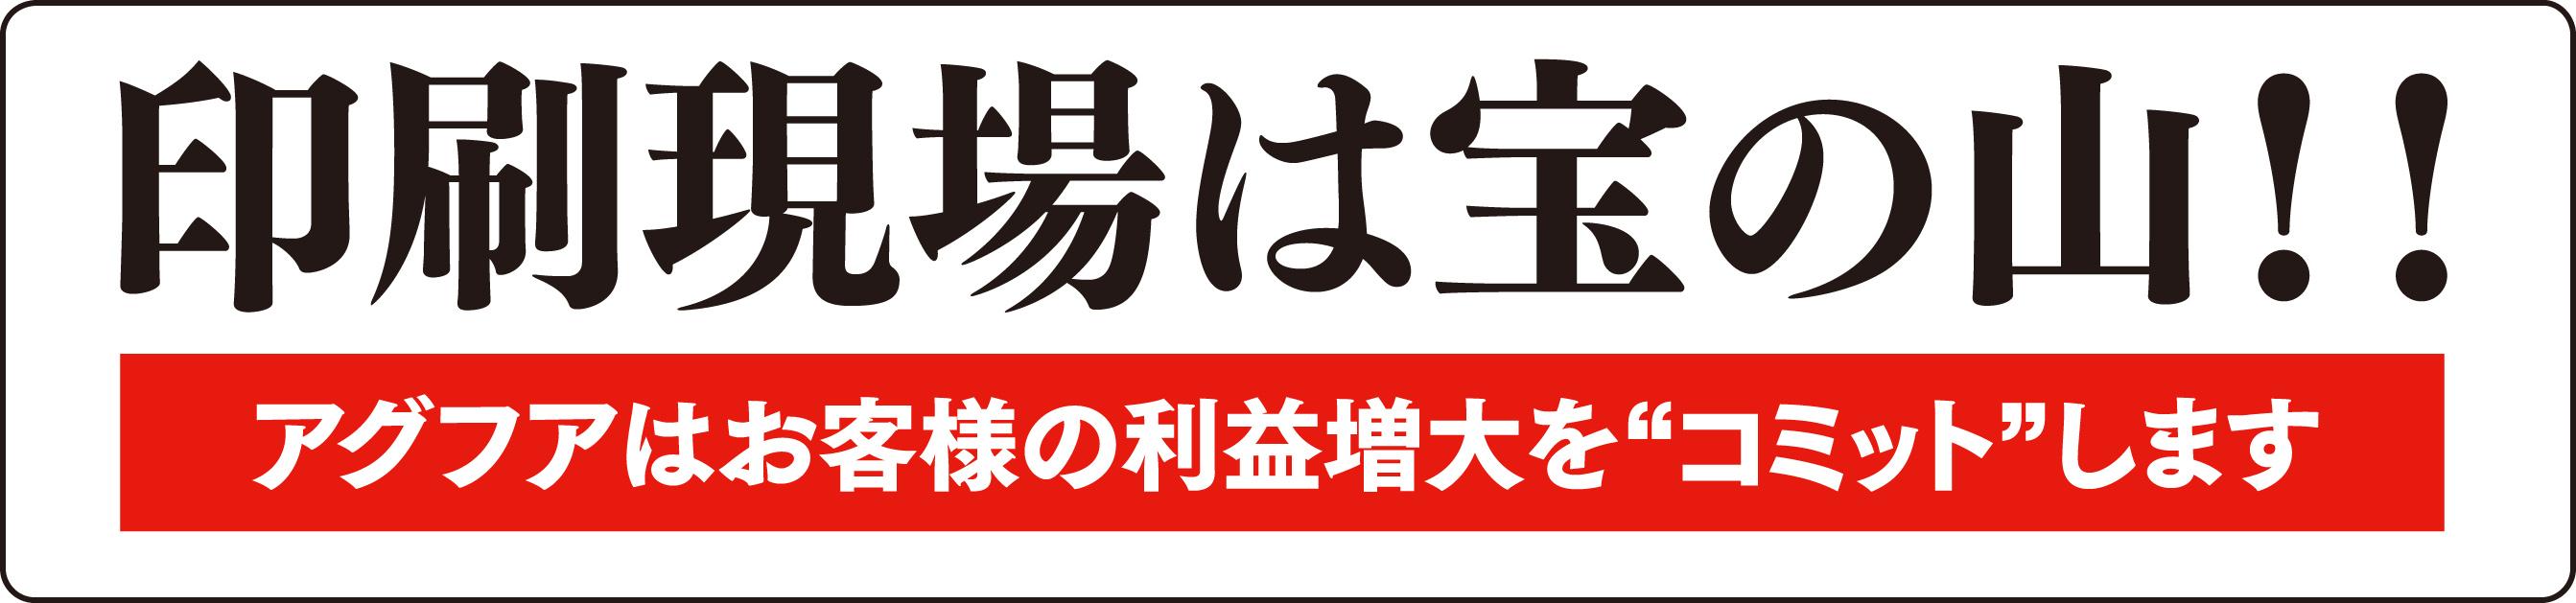 takarano yama.jpg